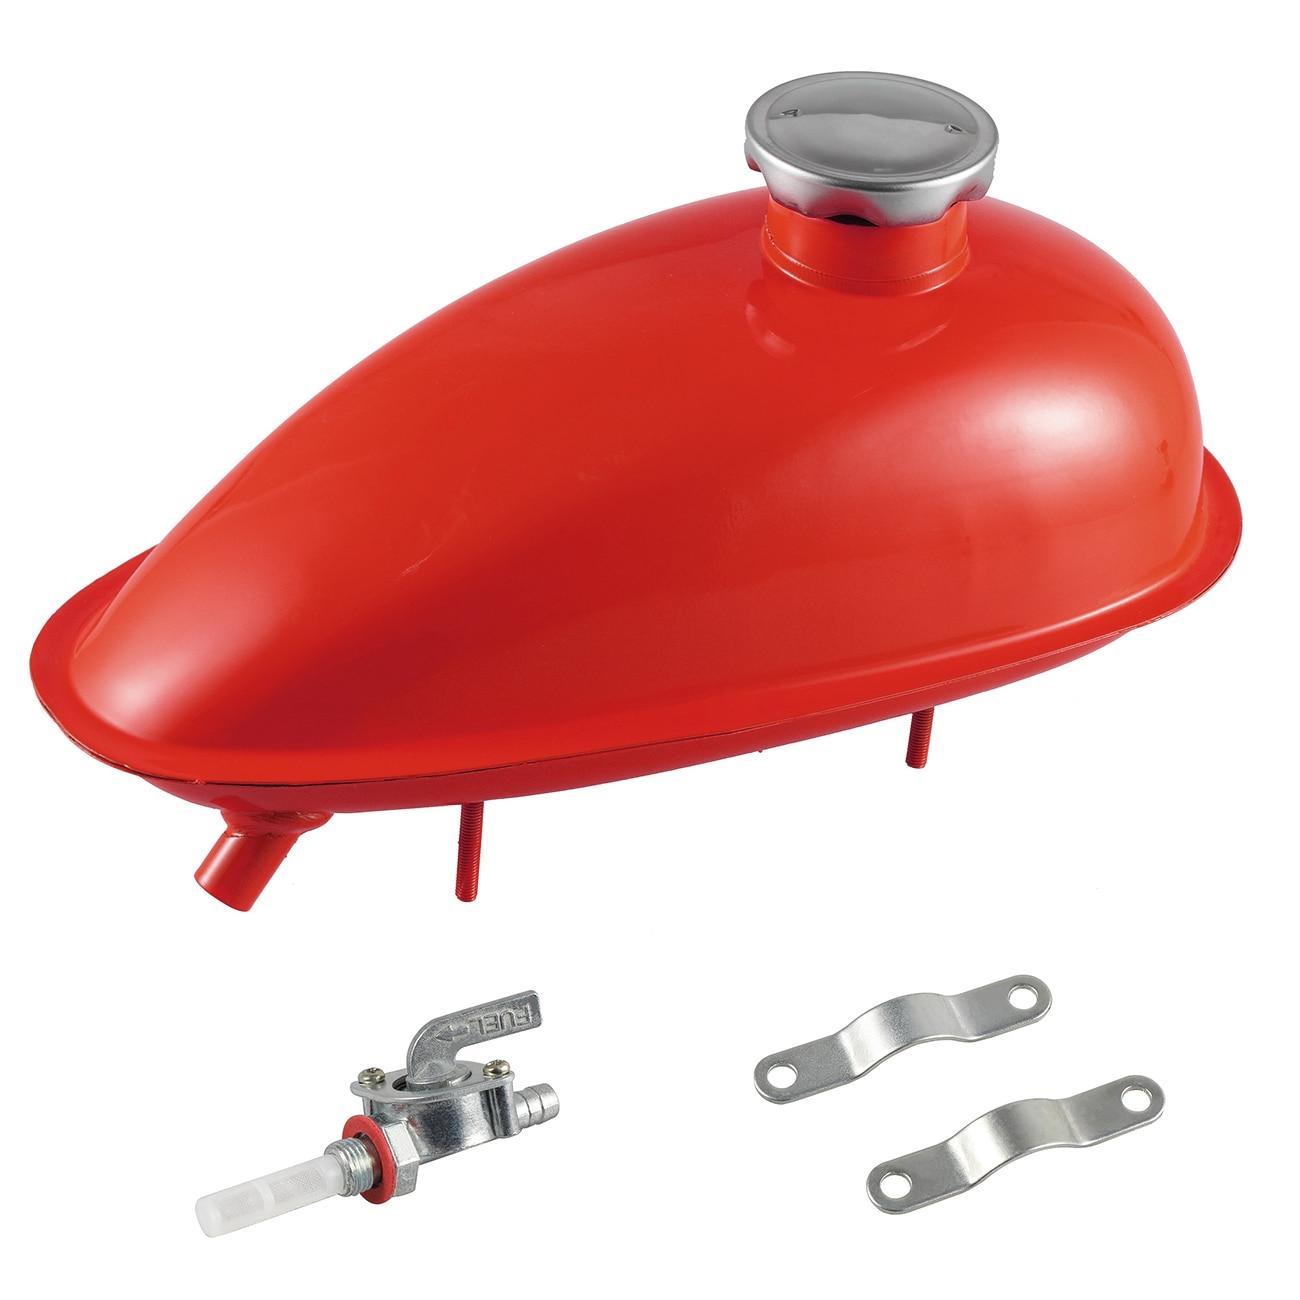 2L réservoir de gaz de carburant 80cc moteur motorisé vélo voiture processus de pulvérisation couleurs pièces